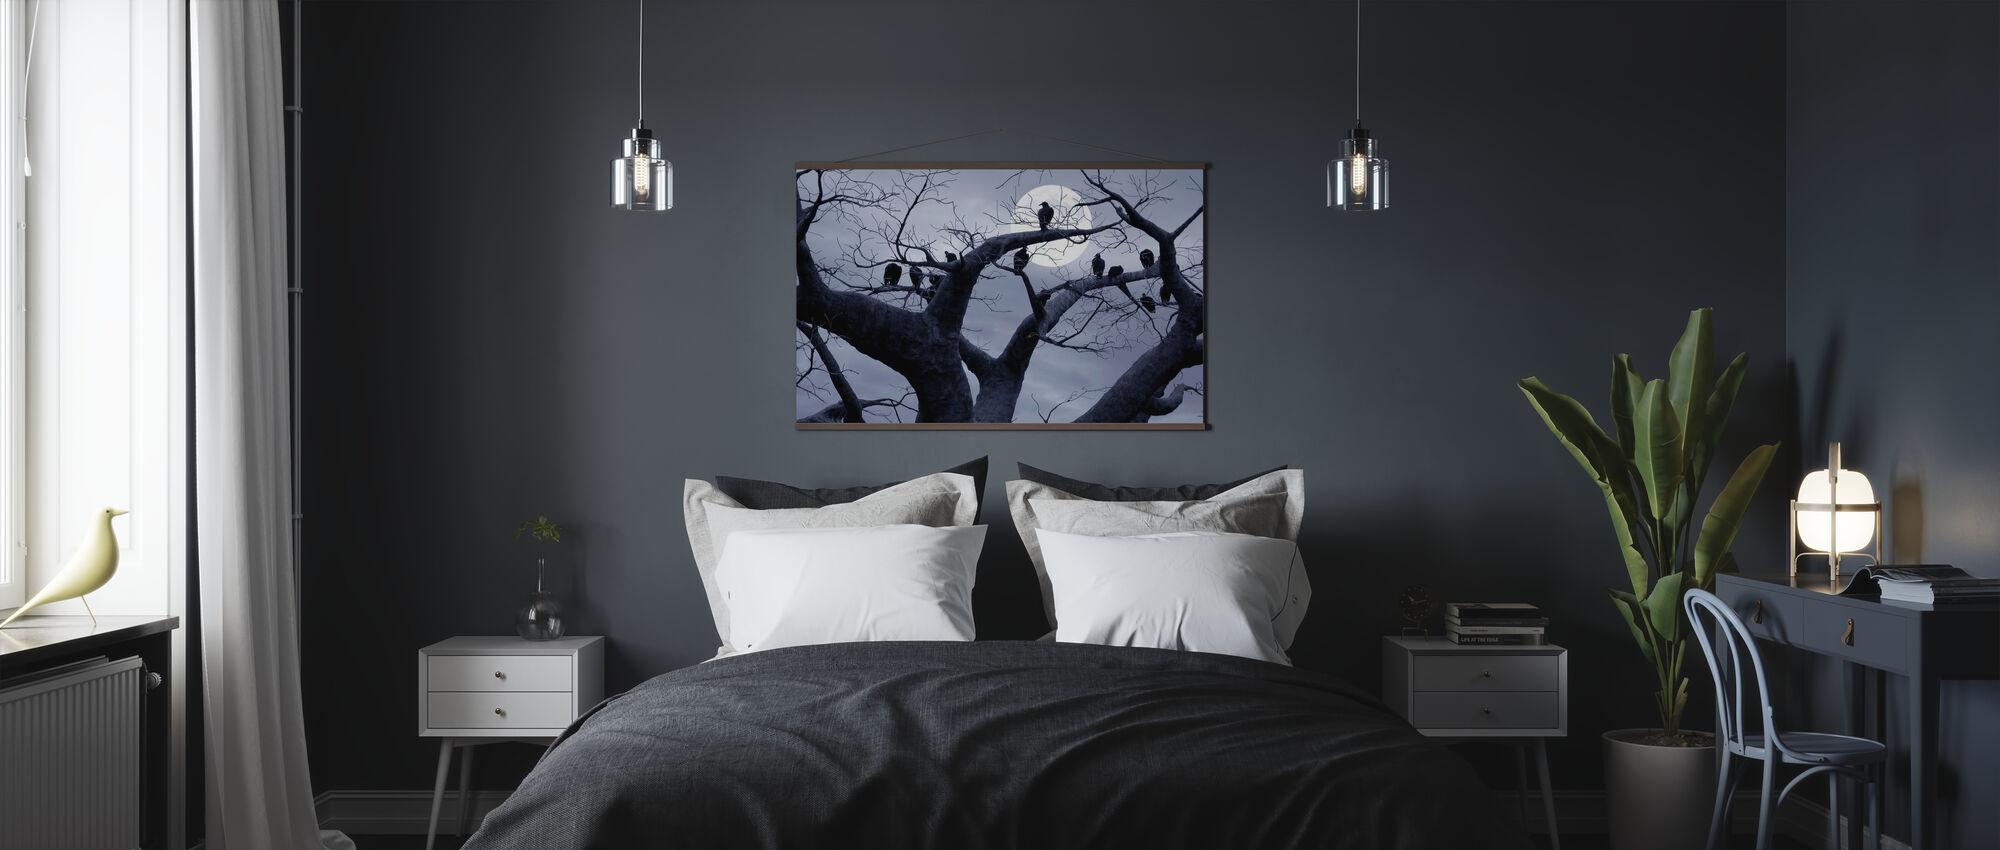 Gruseliger Baum - Poster - Schlafzimmer